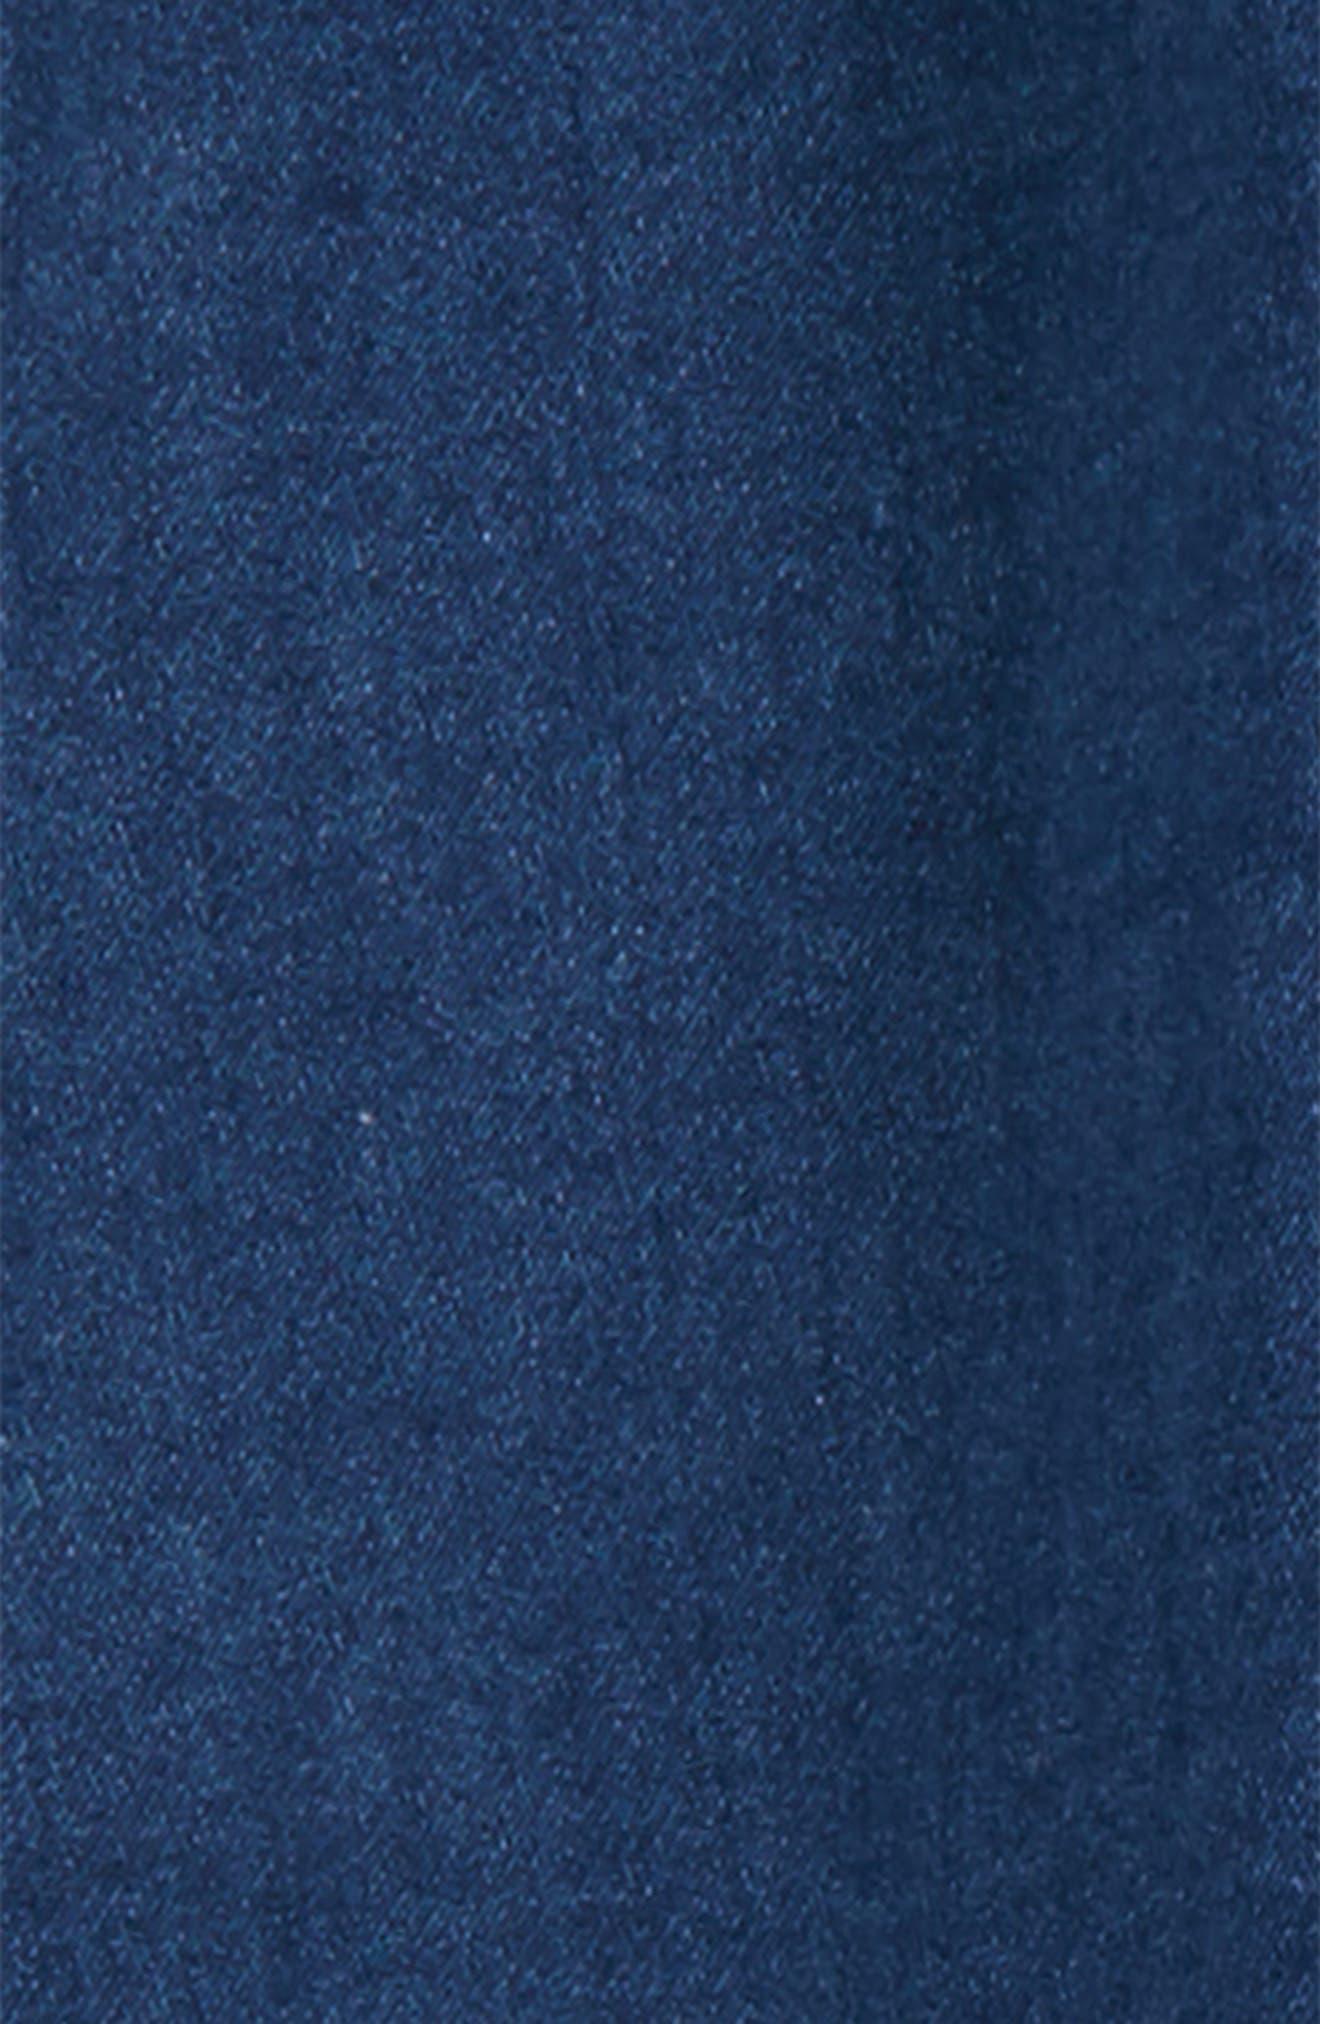 Diagonal Baggy Denim Pants,                             Alternate thumbnail 2, color,                             400